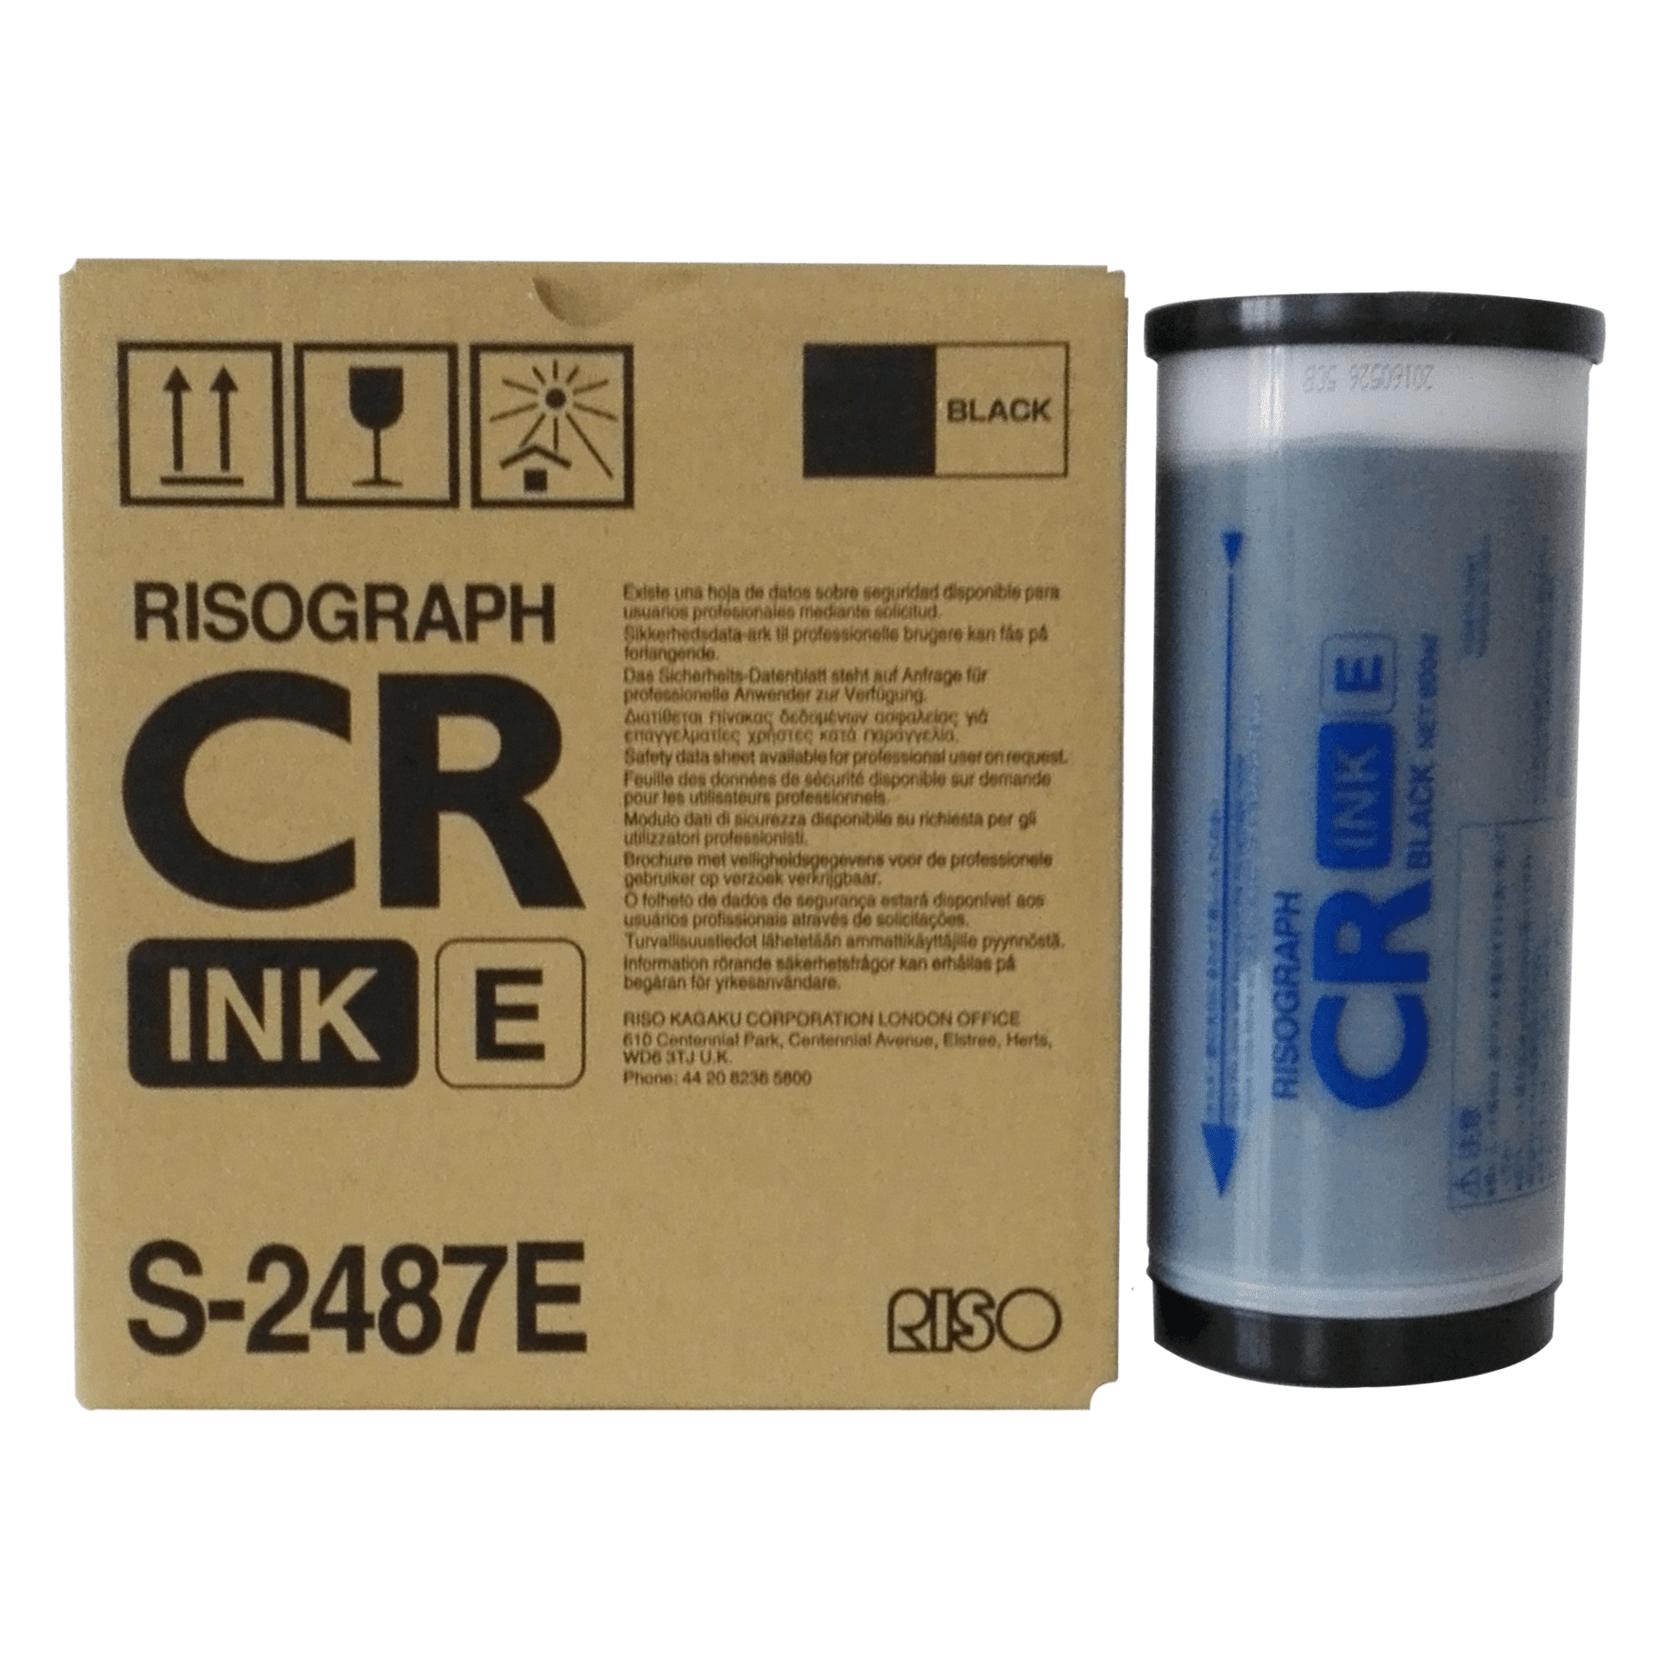 Risograph CR - Ink E - S-2487E